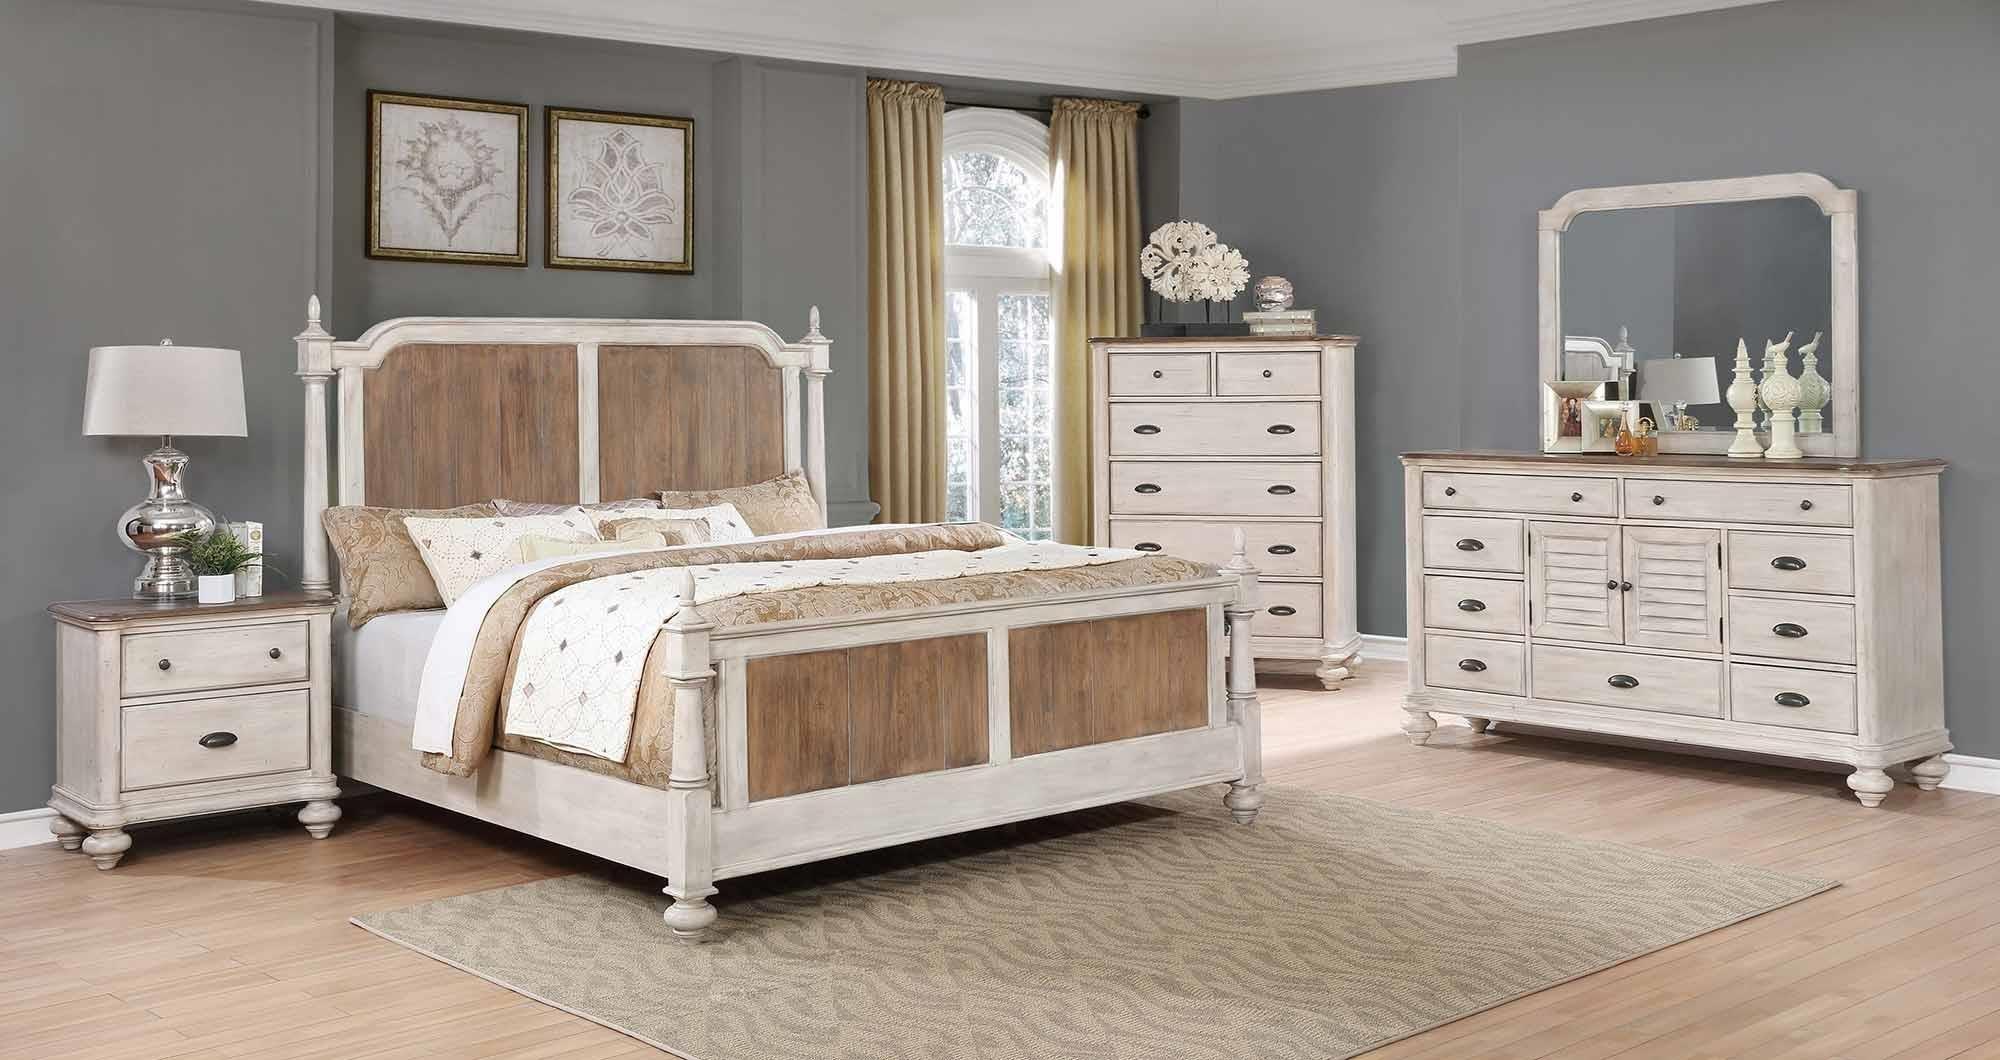 harlow 4pc queen bedroom set rotmans bedroom groups